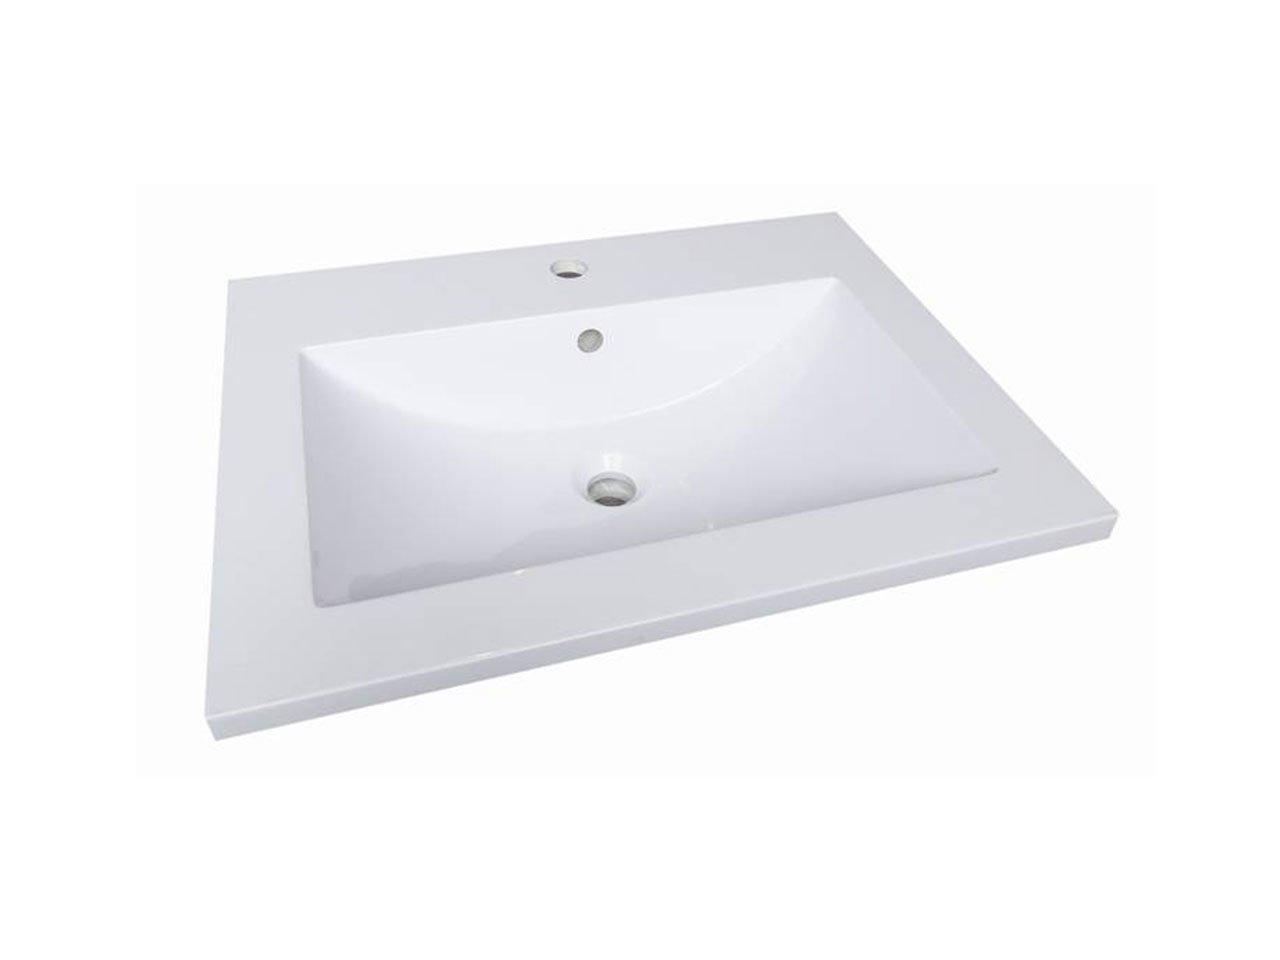 Unitop slim resina 61x46 bianco lucido iperceramica - Lavabo bagno resina ...